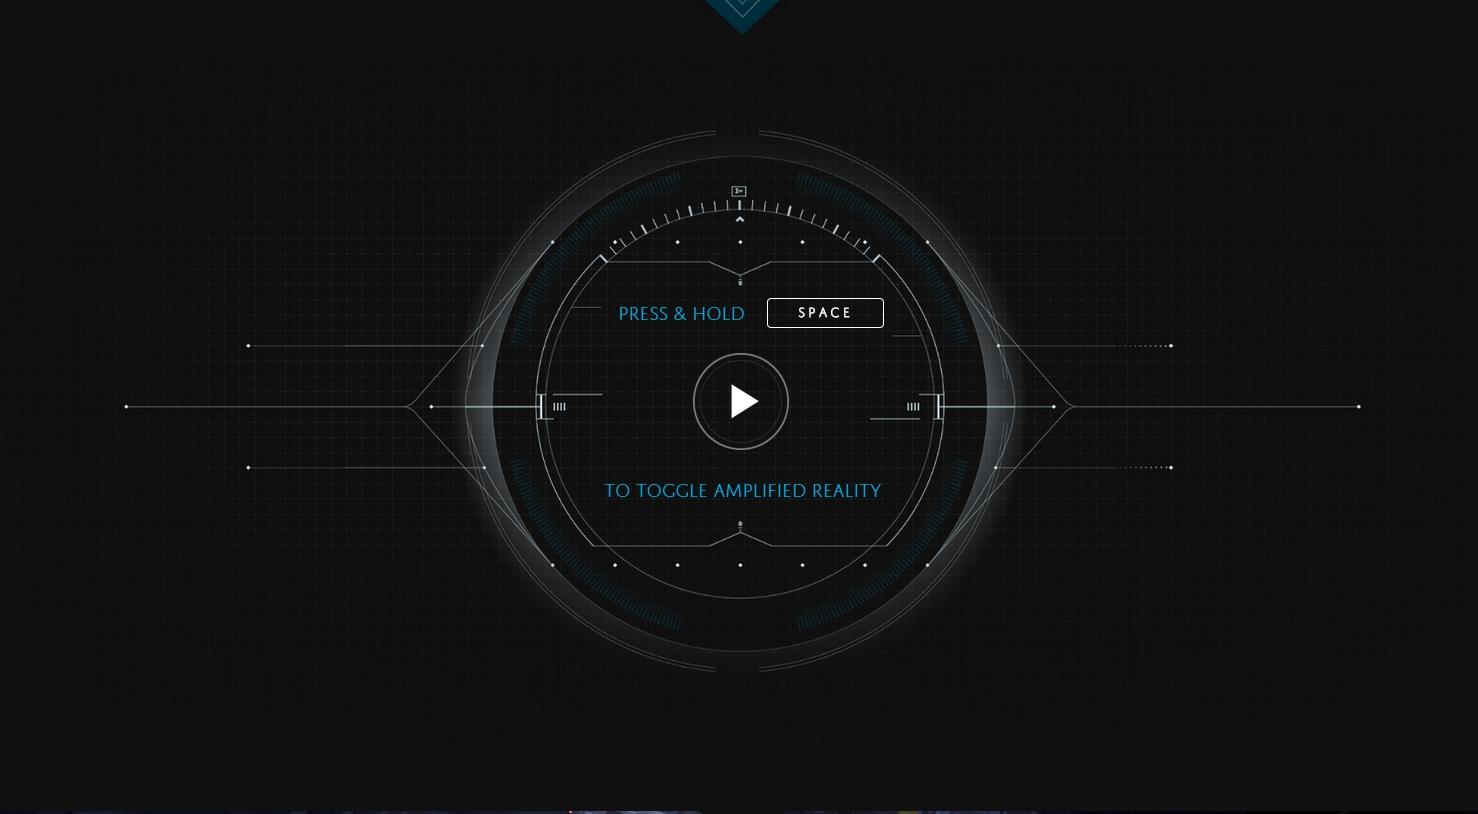 Миниатюра видео на промо-сайте космической стратегии Endless Space 2